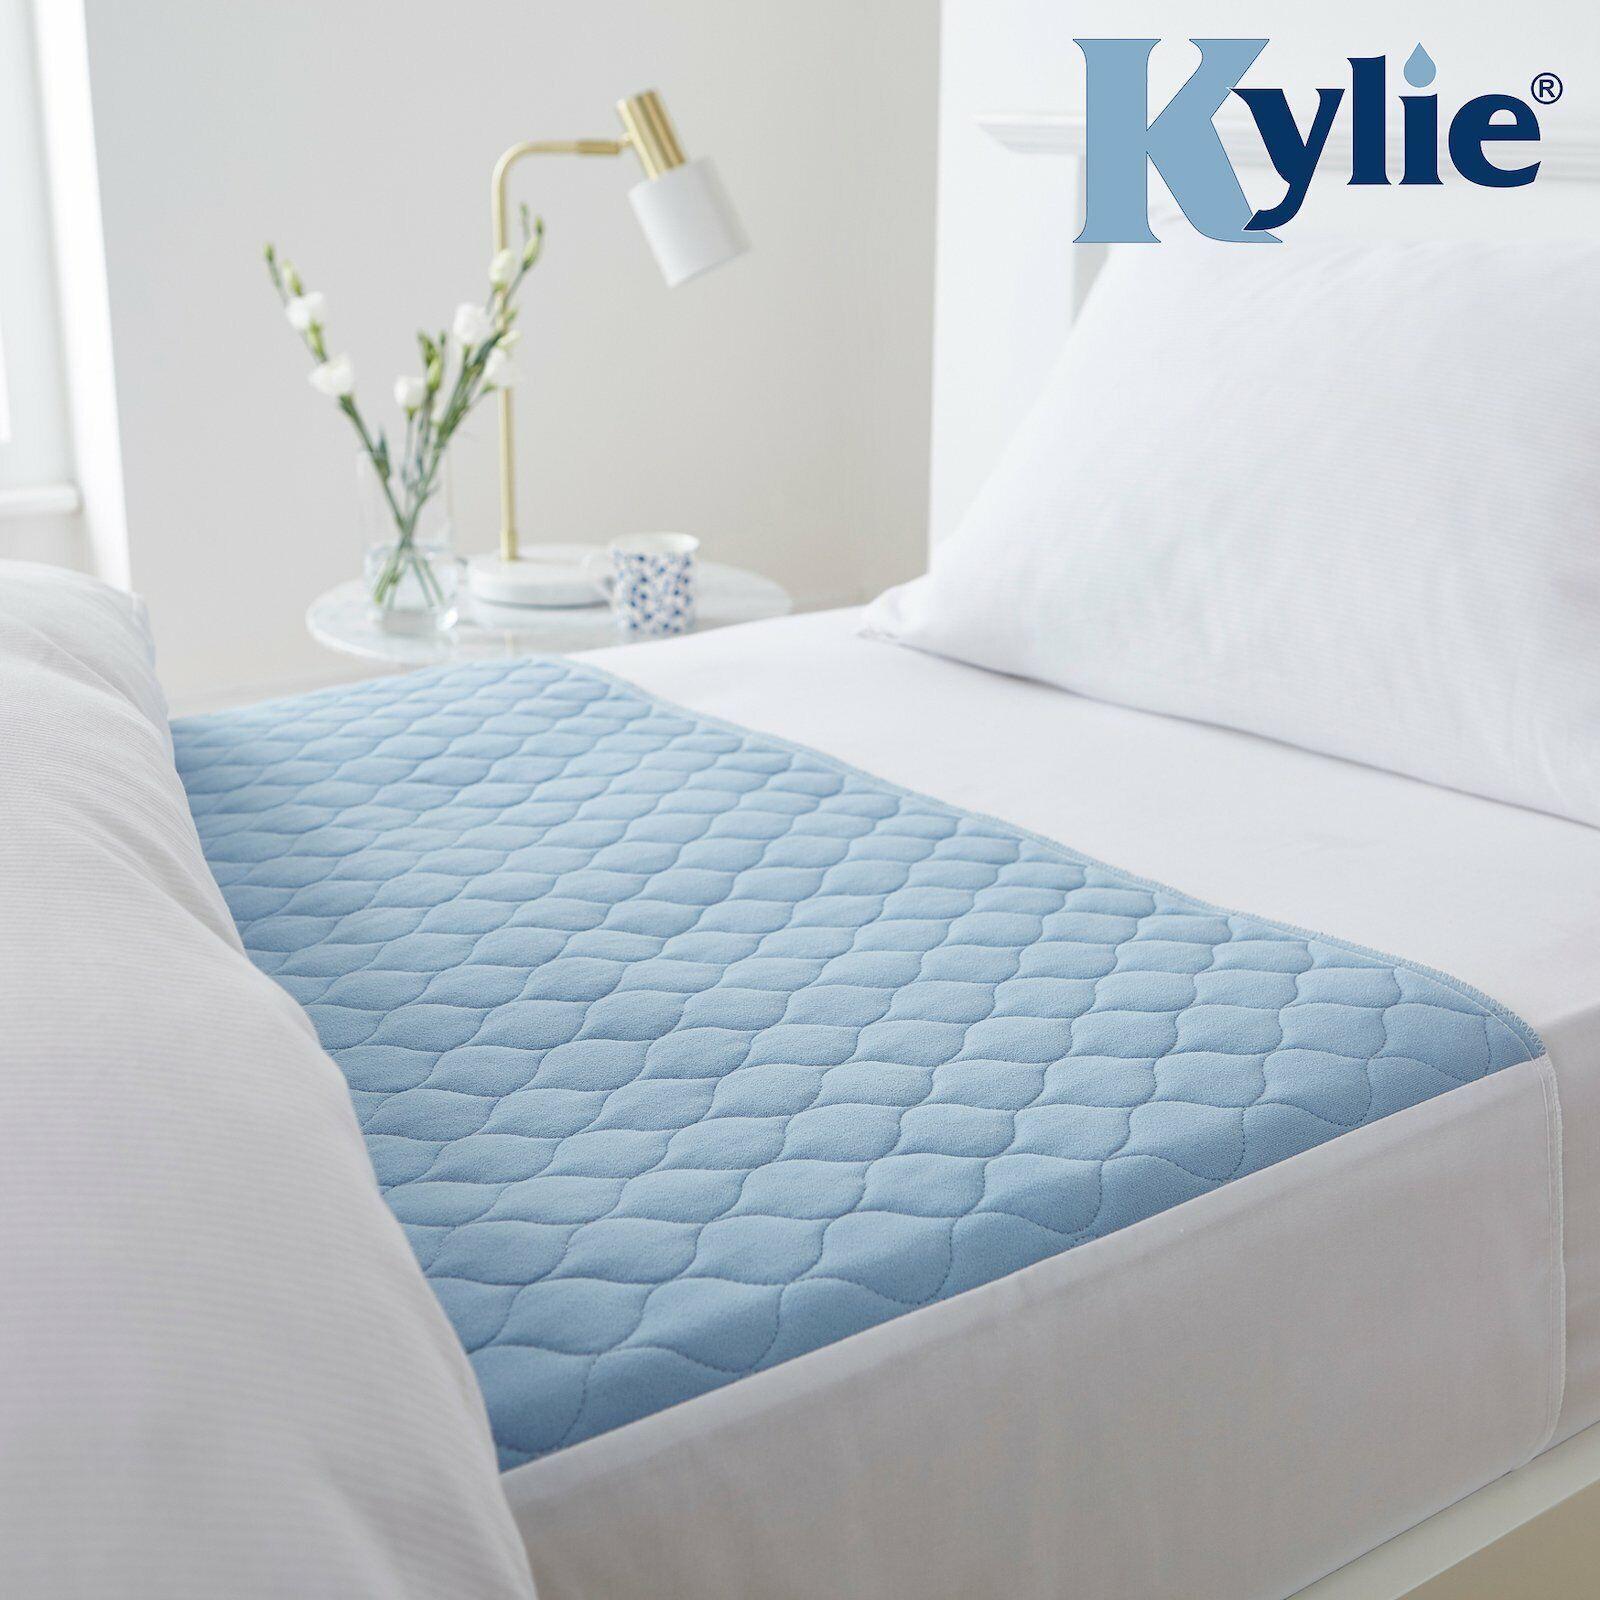 Comfortnights-Kylie 3 Blau, Waterproof Single bed set